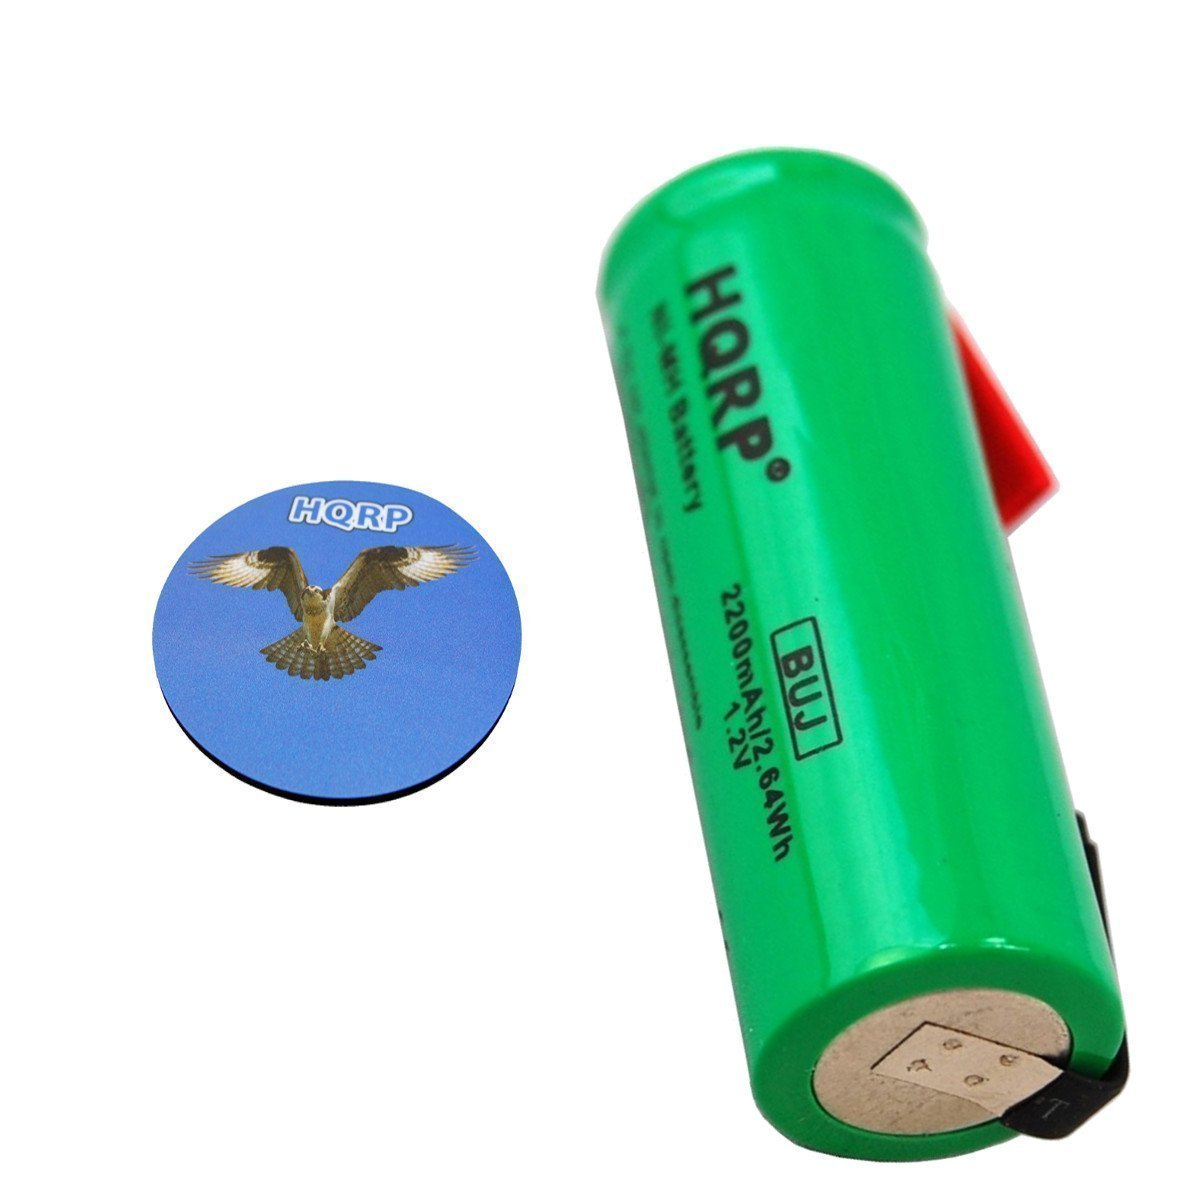 HQRP Batería Recargable para Braun 5596/5597 / 5614/5666 Cepillo de Dientes + HQRP Posavasos: Amazon.es: Electrónica